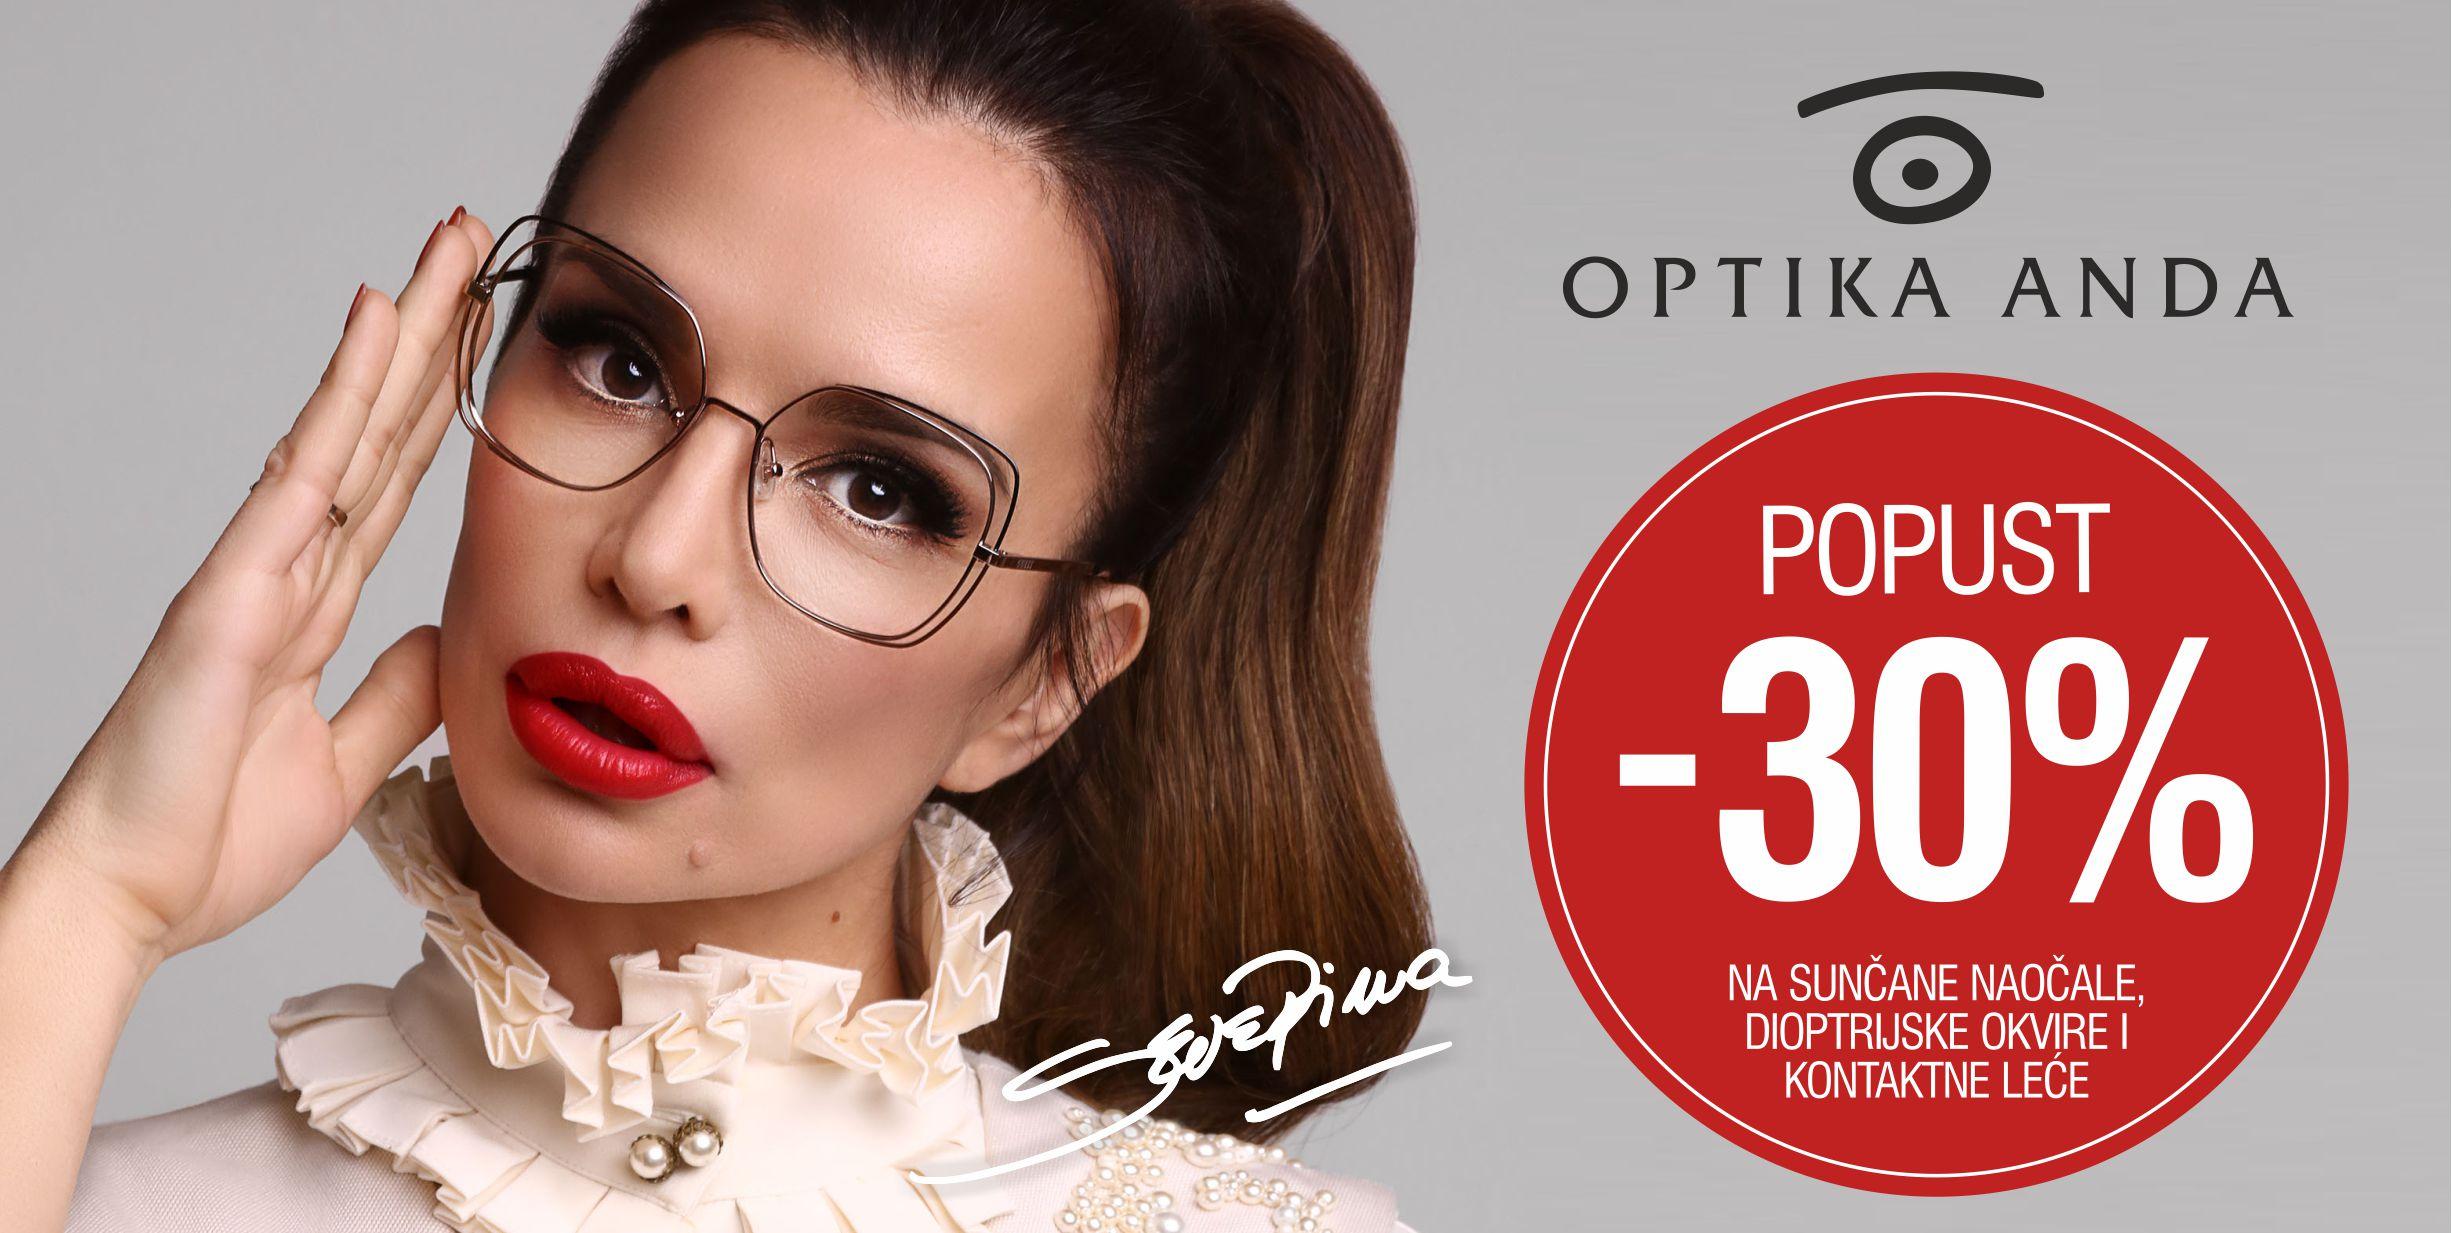 Optika Anda - 30% popust - Mall of Split